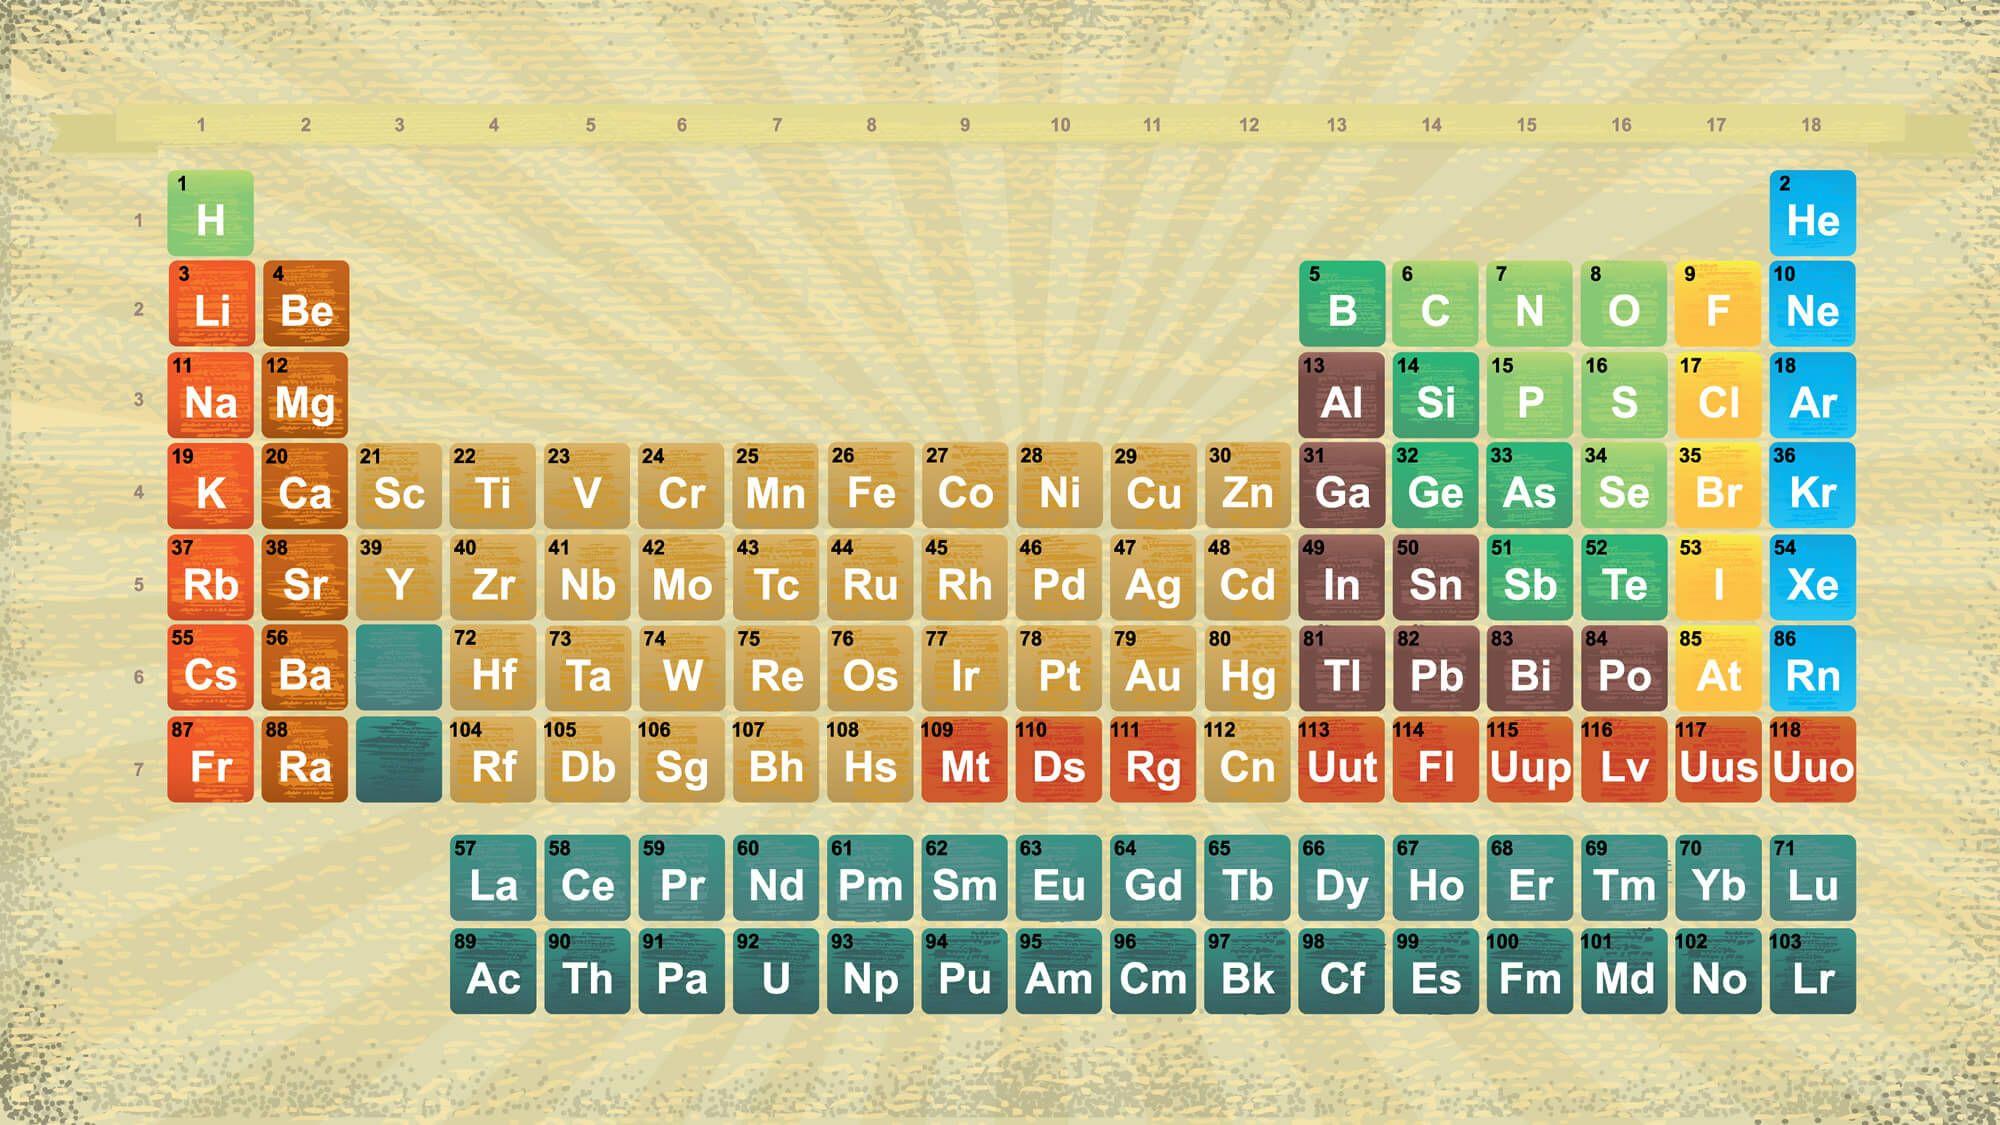 Tabla periodica de los elementos quimicos completa hd walls find tabla periodica de los elementos quimicos completa hd walls find urtaz Images